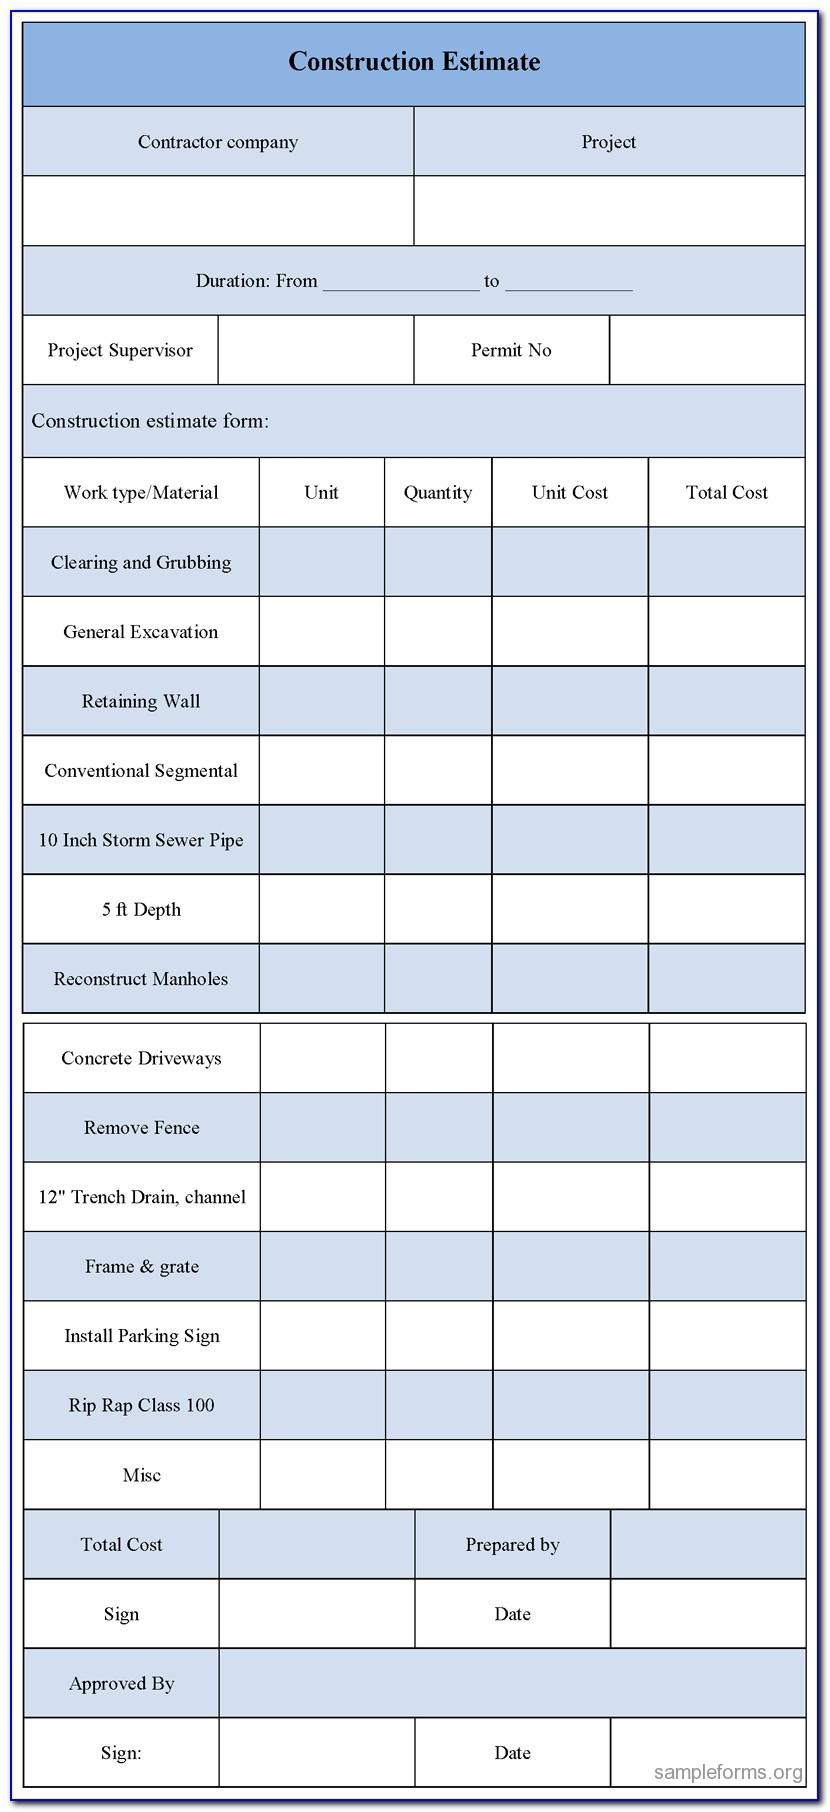 Quickbooks Contractor Estimate Templates